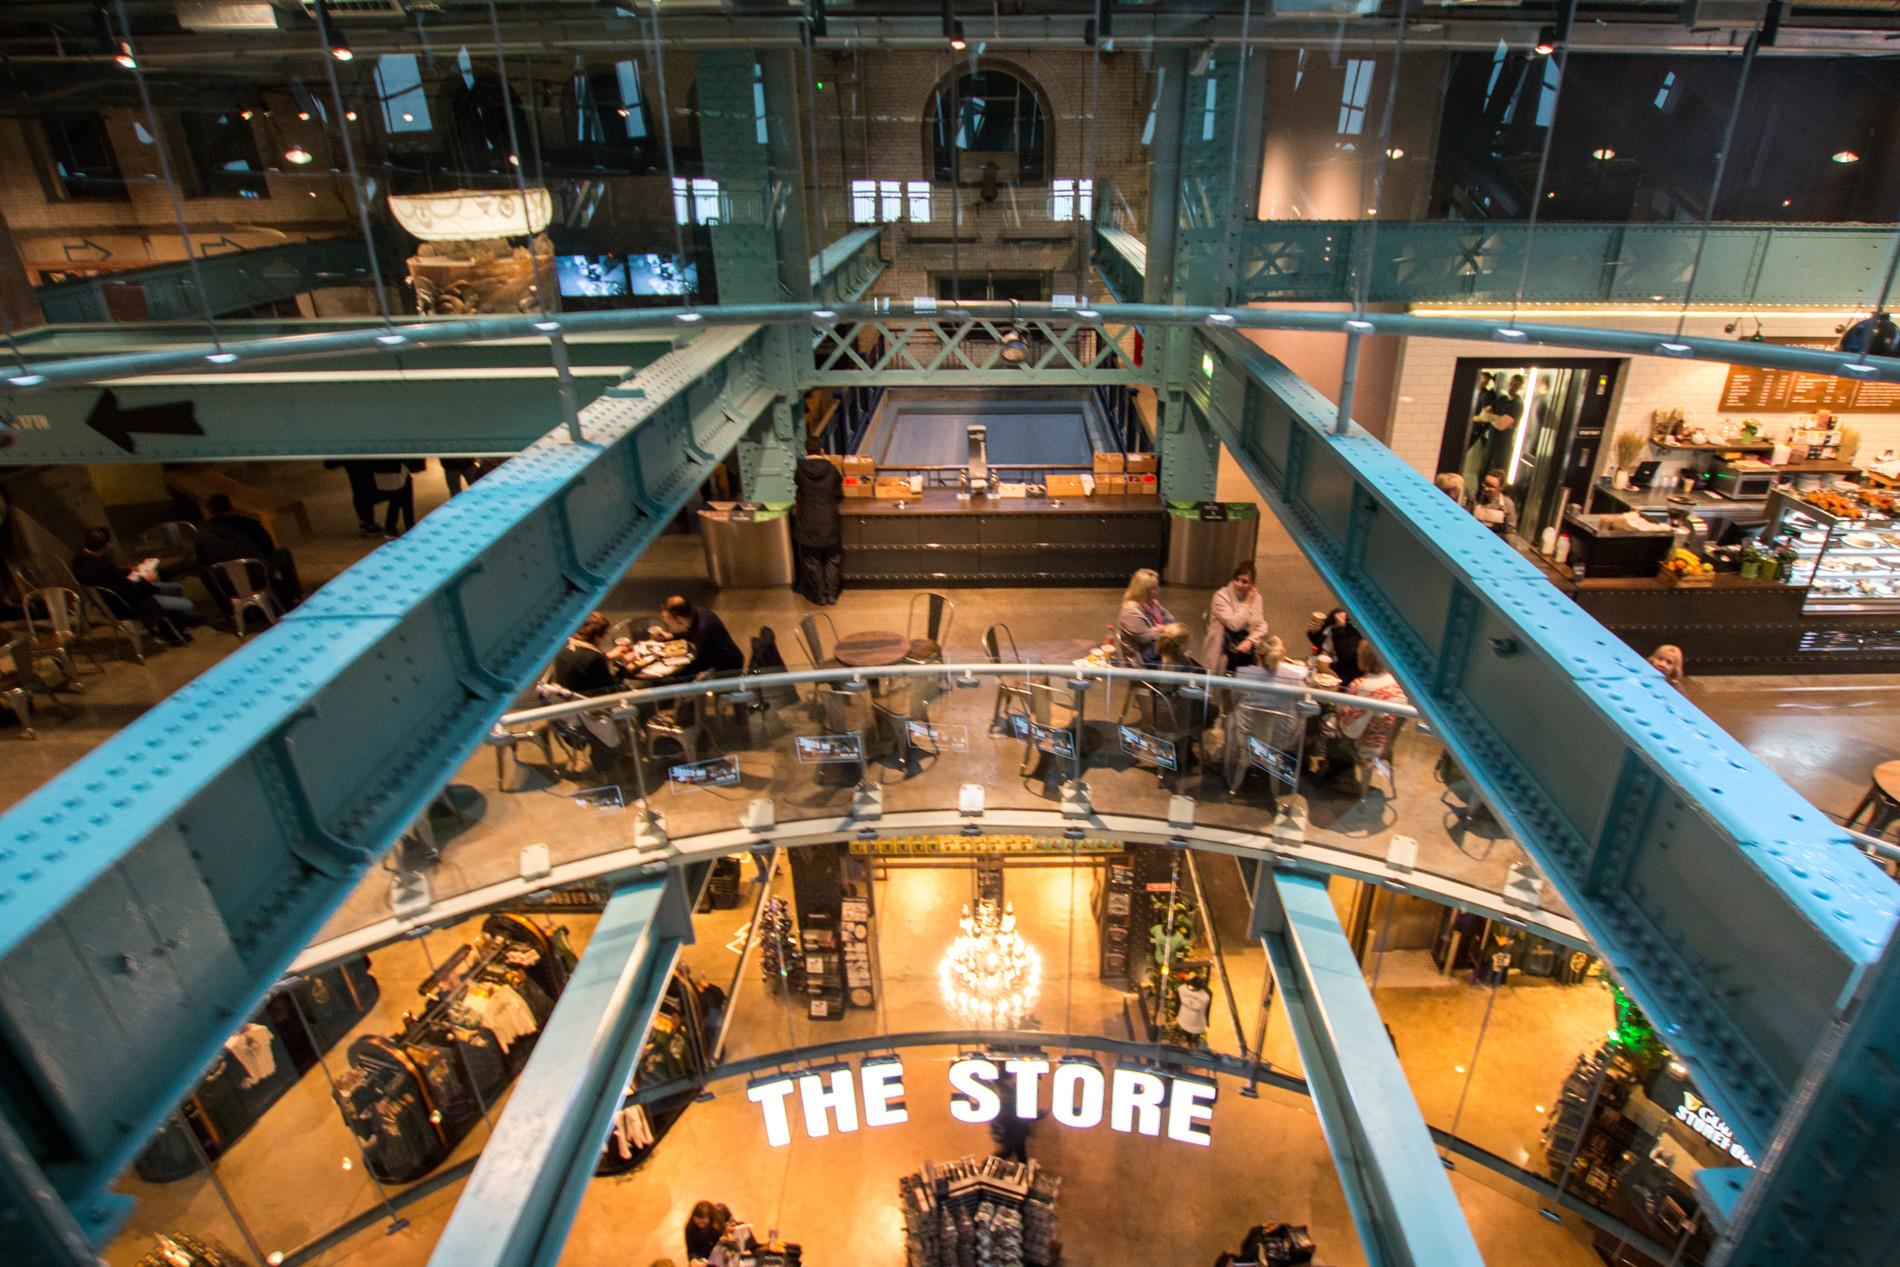 Muzeum piwa guinness w dublinie cena